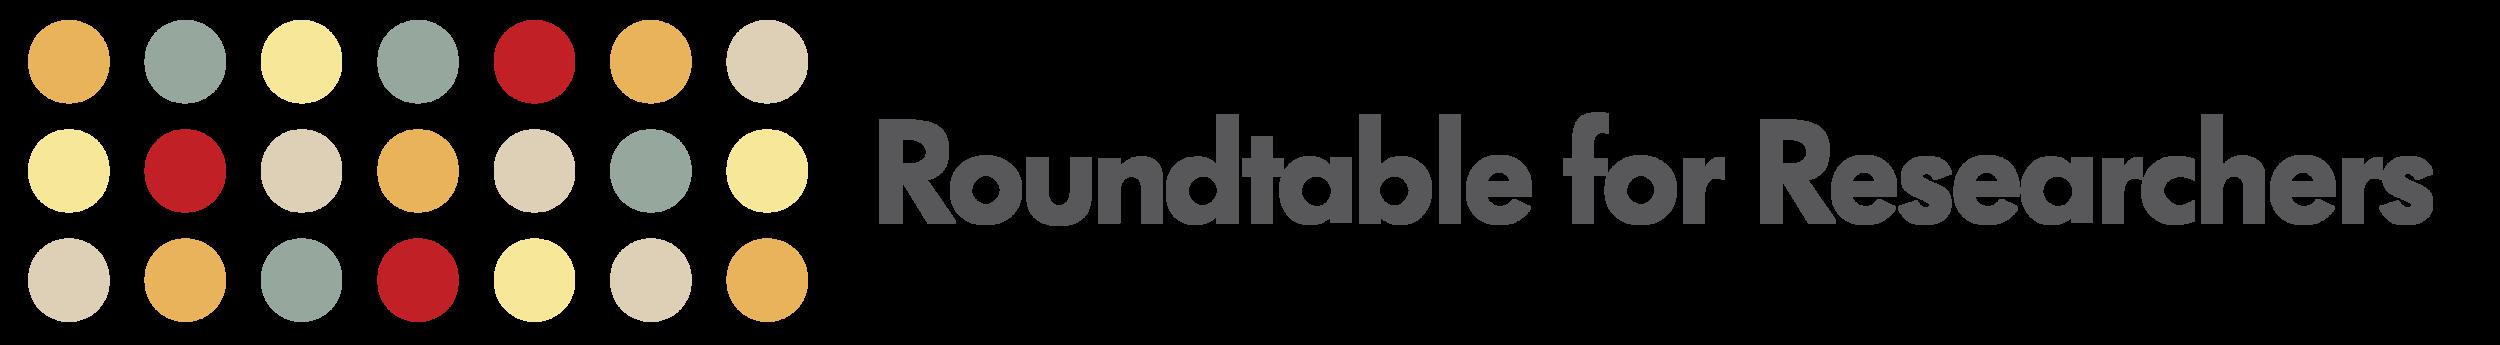 Web Header_Roundtable for Researchers 2019_v1.png